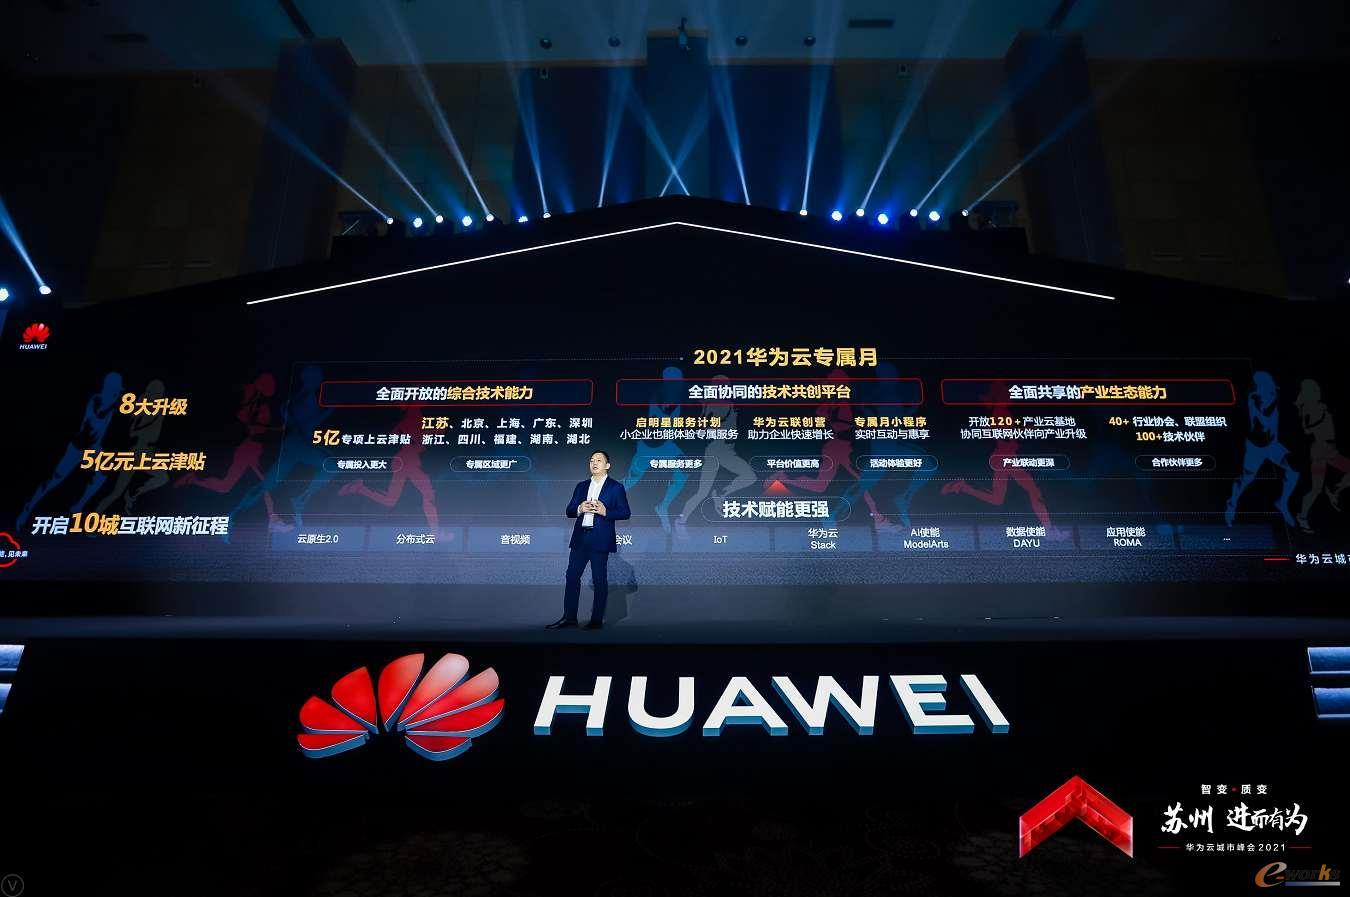 https://www.e-works.net.cn/News/articleimage/20214/132635569749472572_new.jpg